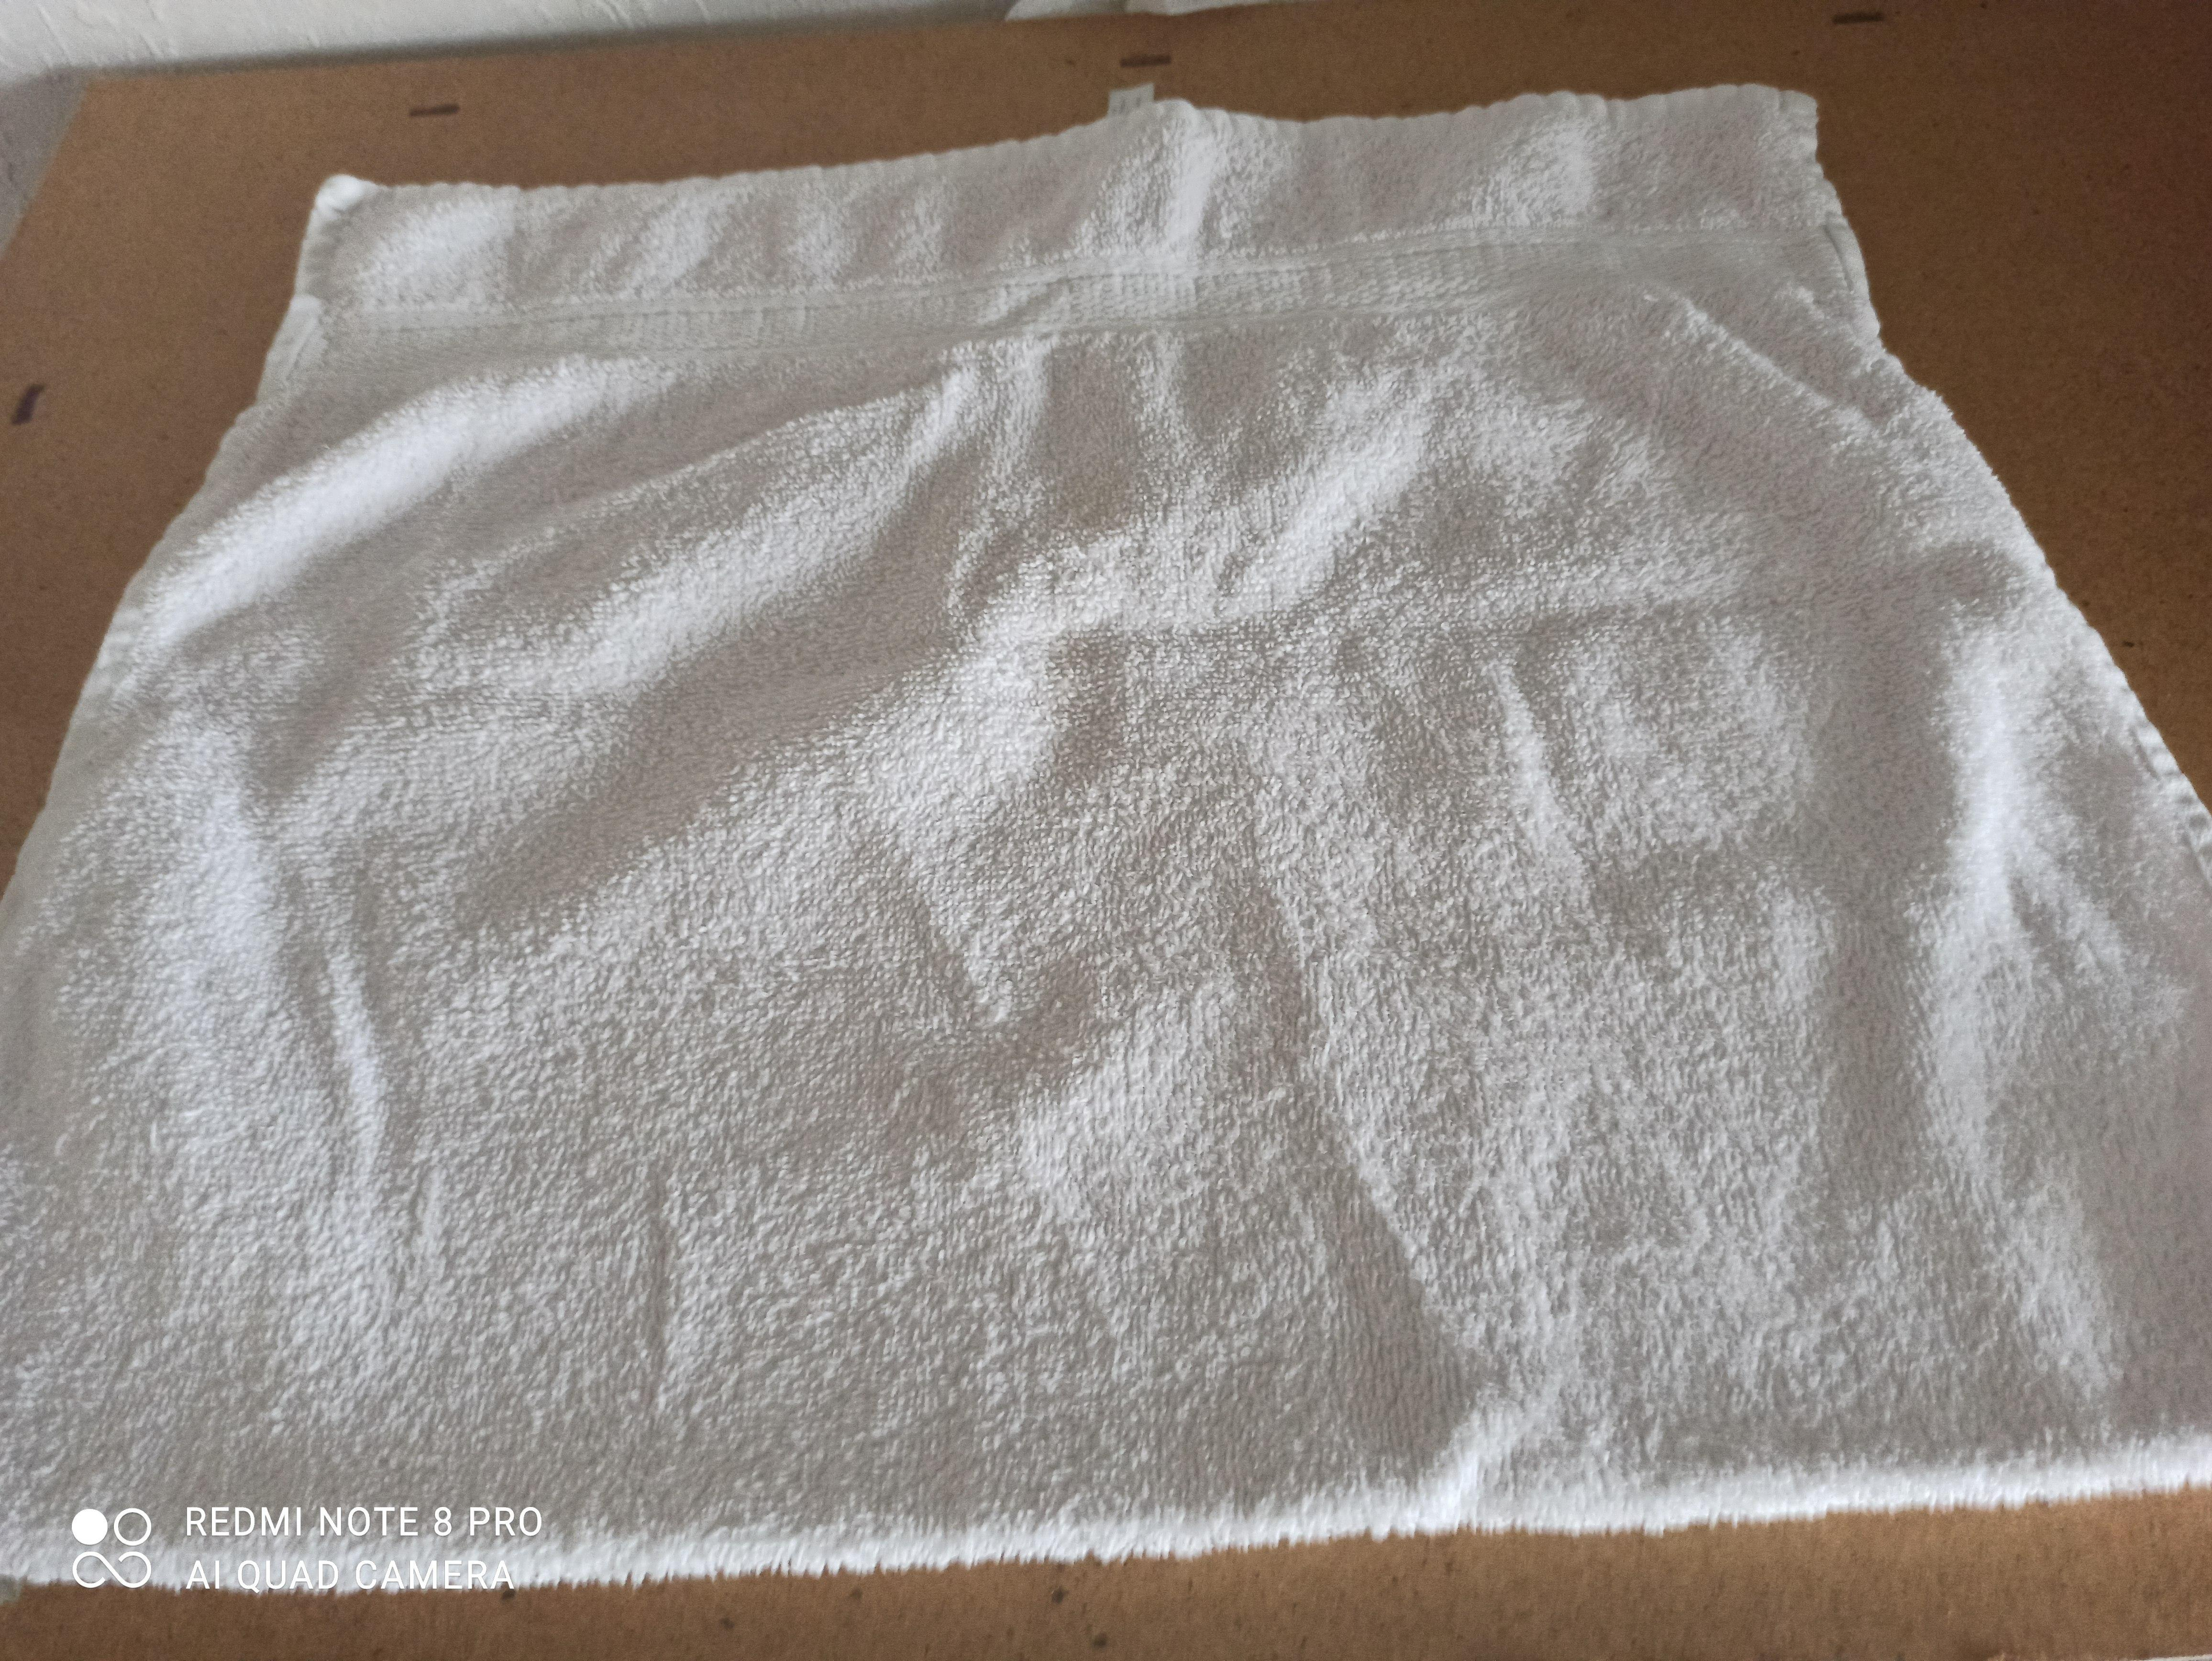 troc de troc petite serviette blanche occasion image 0